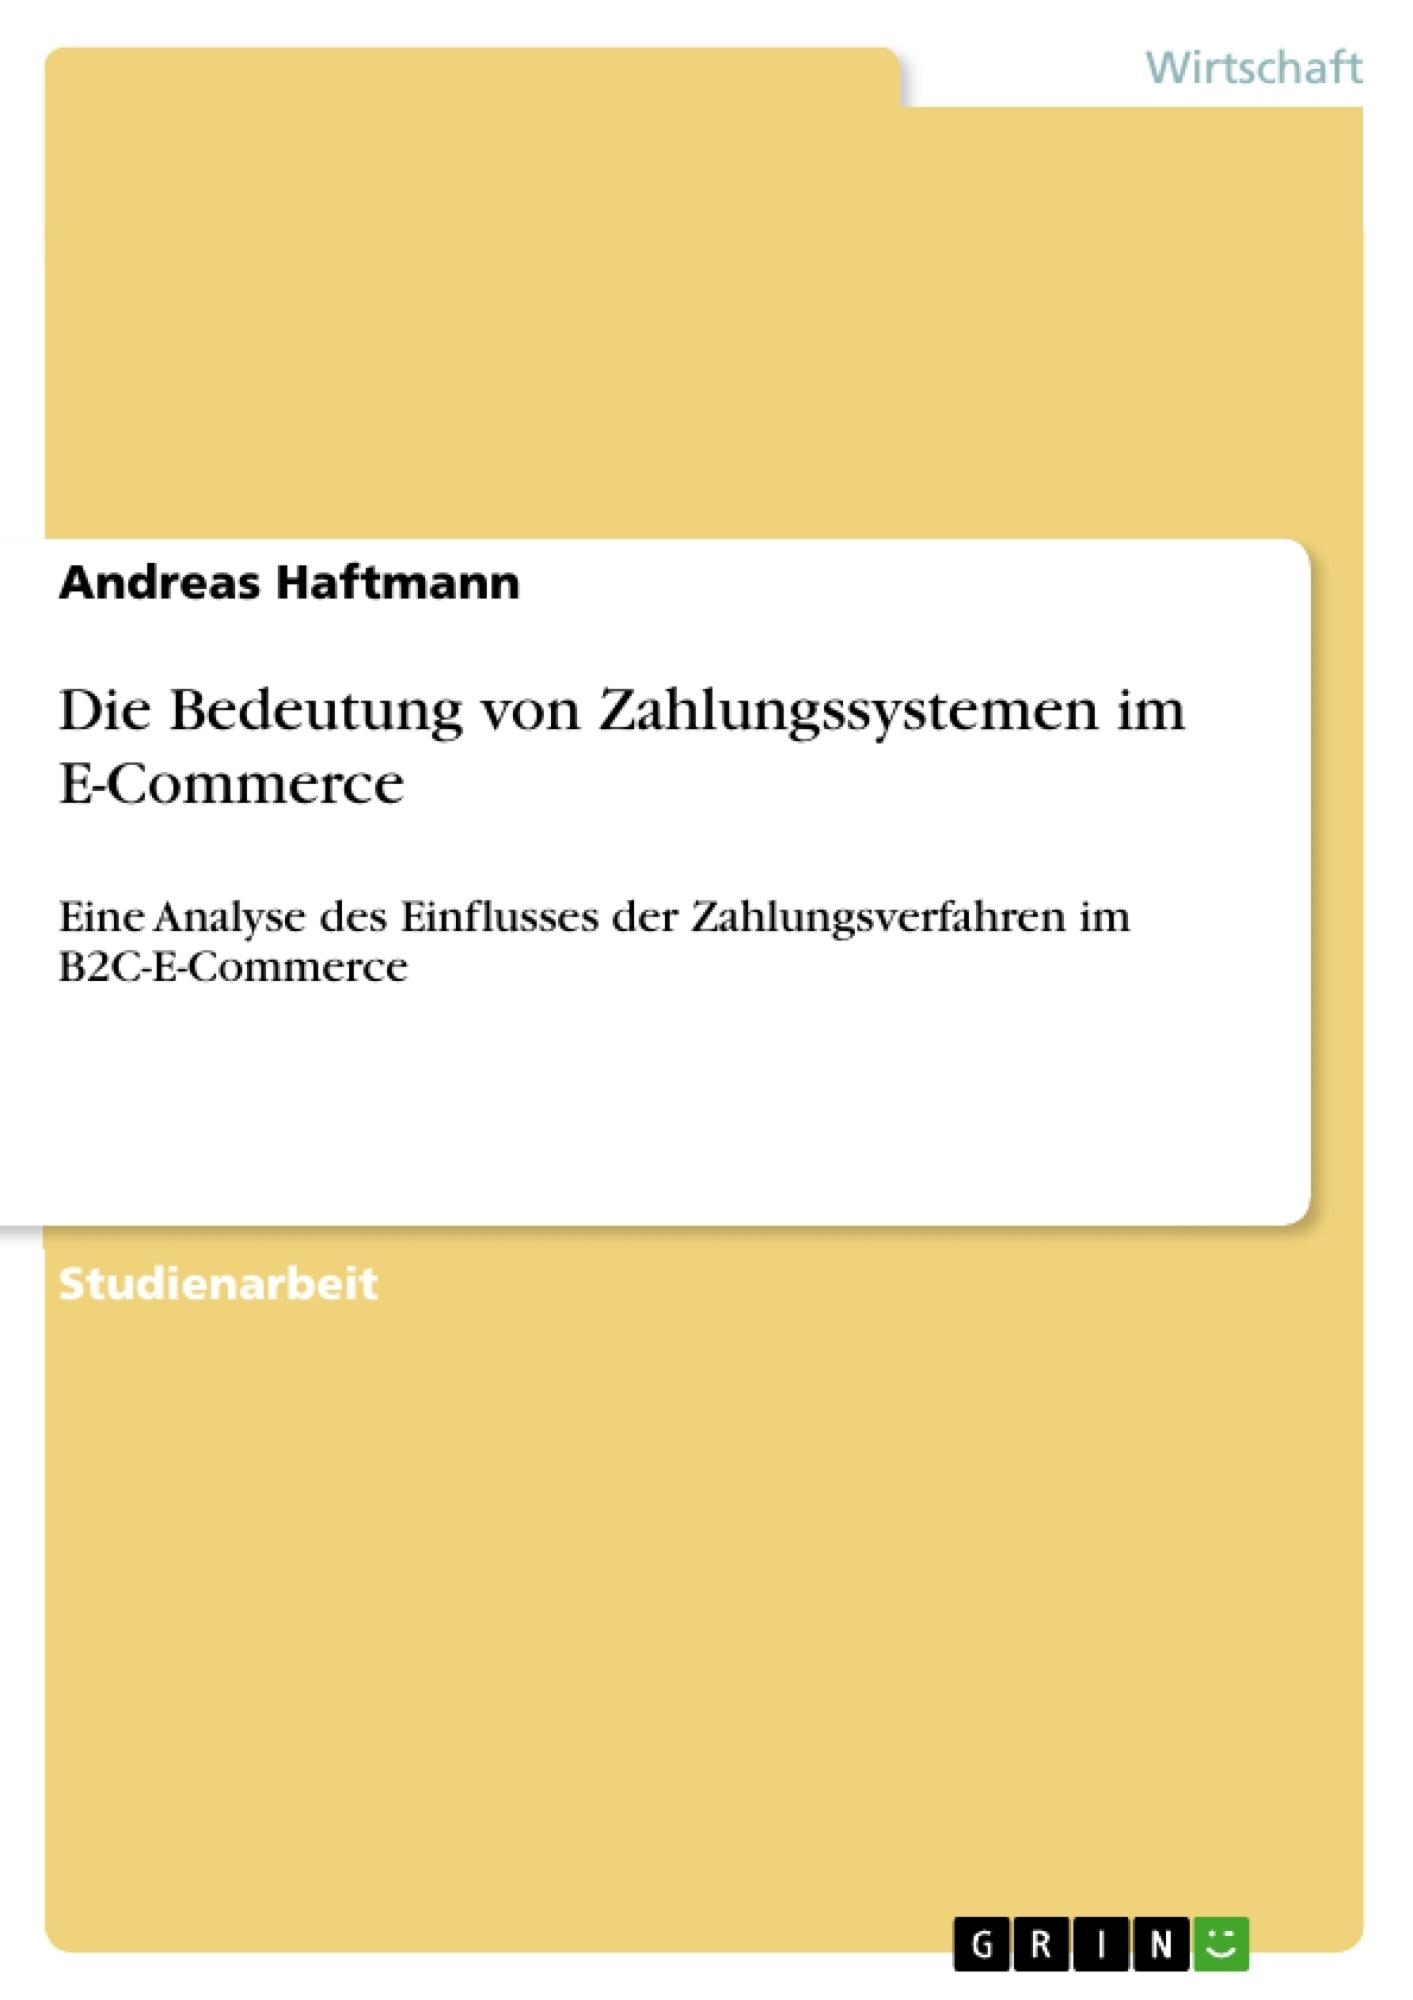 Titel: Die Bedeutung von Zahlungssystemen im E-Commerce